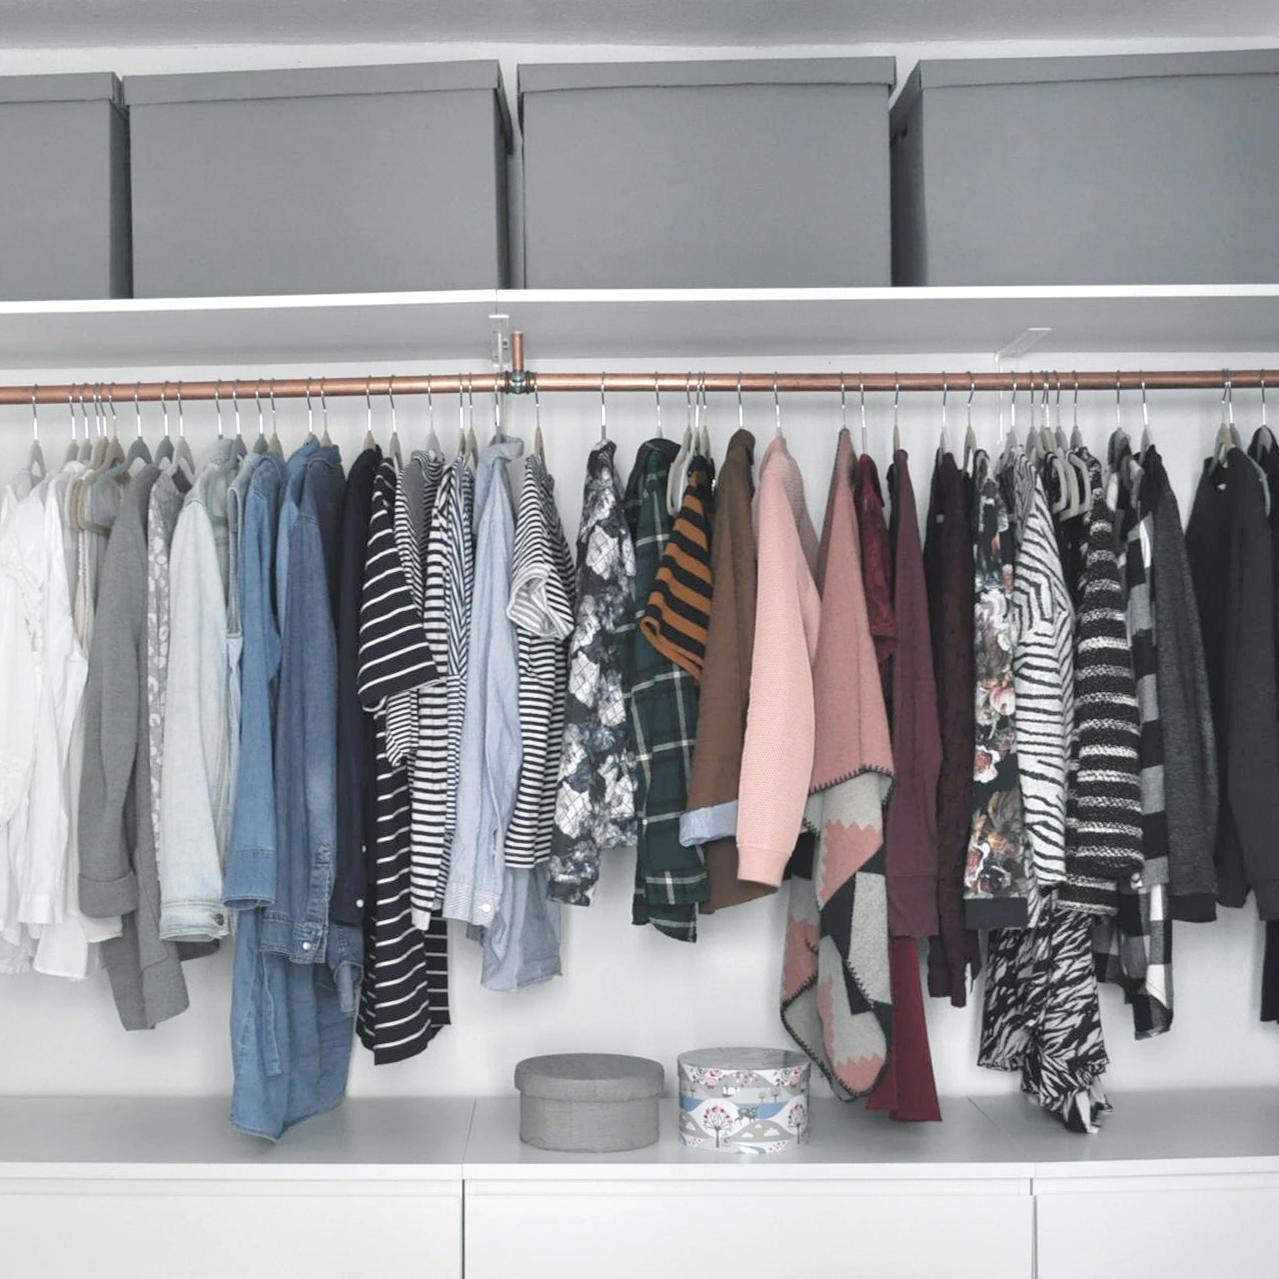 Offener kleiderschrank stange  Kleiderstange • Bilder & Ideen • COUCHstyle